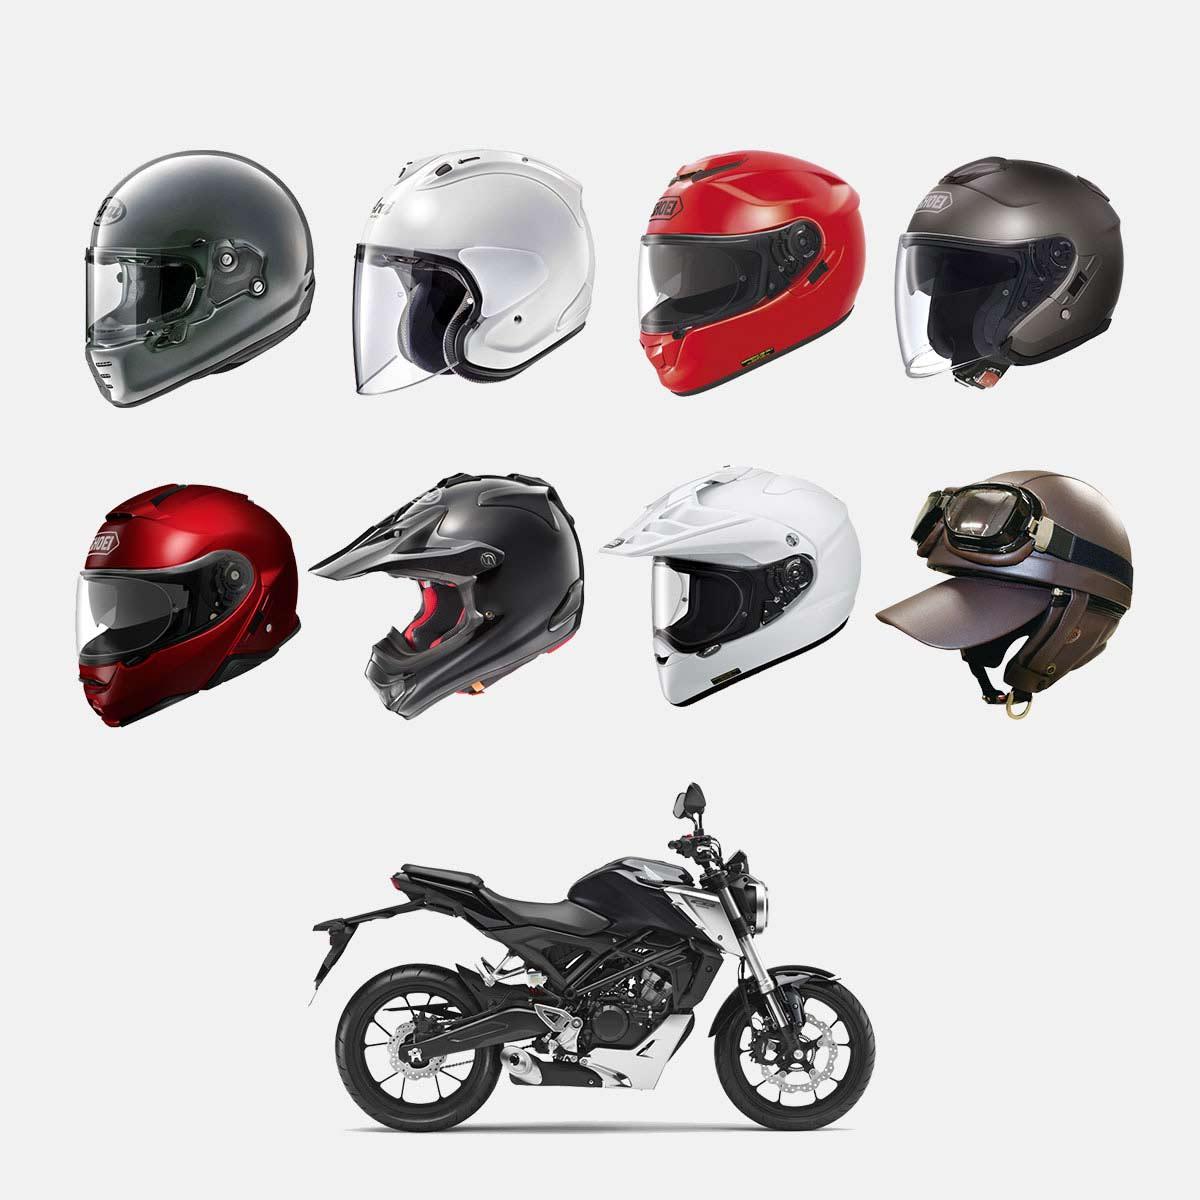 種類や選び方もわかる! 安全でかっこいいバイク用ヘルメットを見つけるための初心者向けガイド